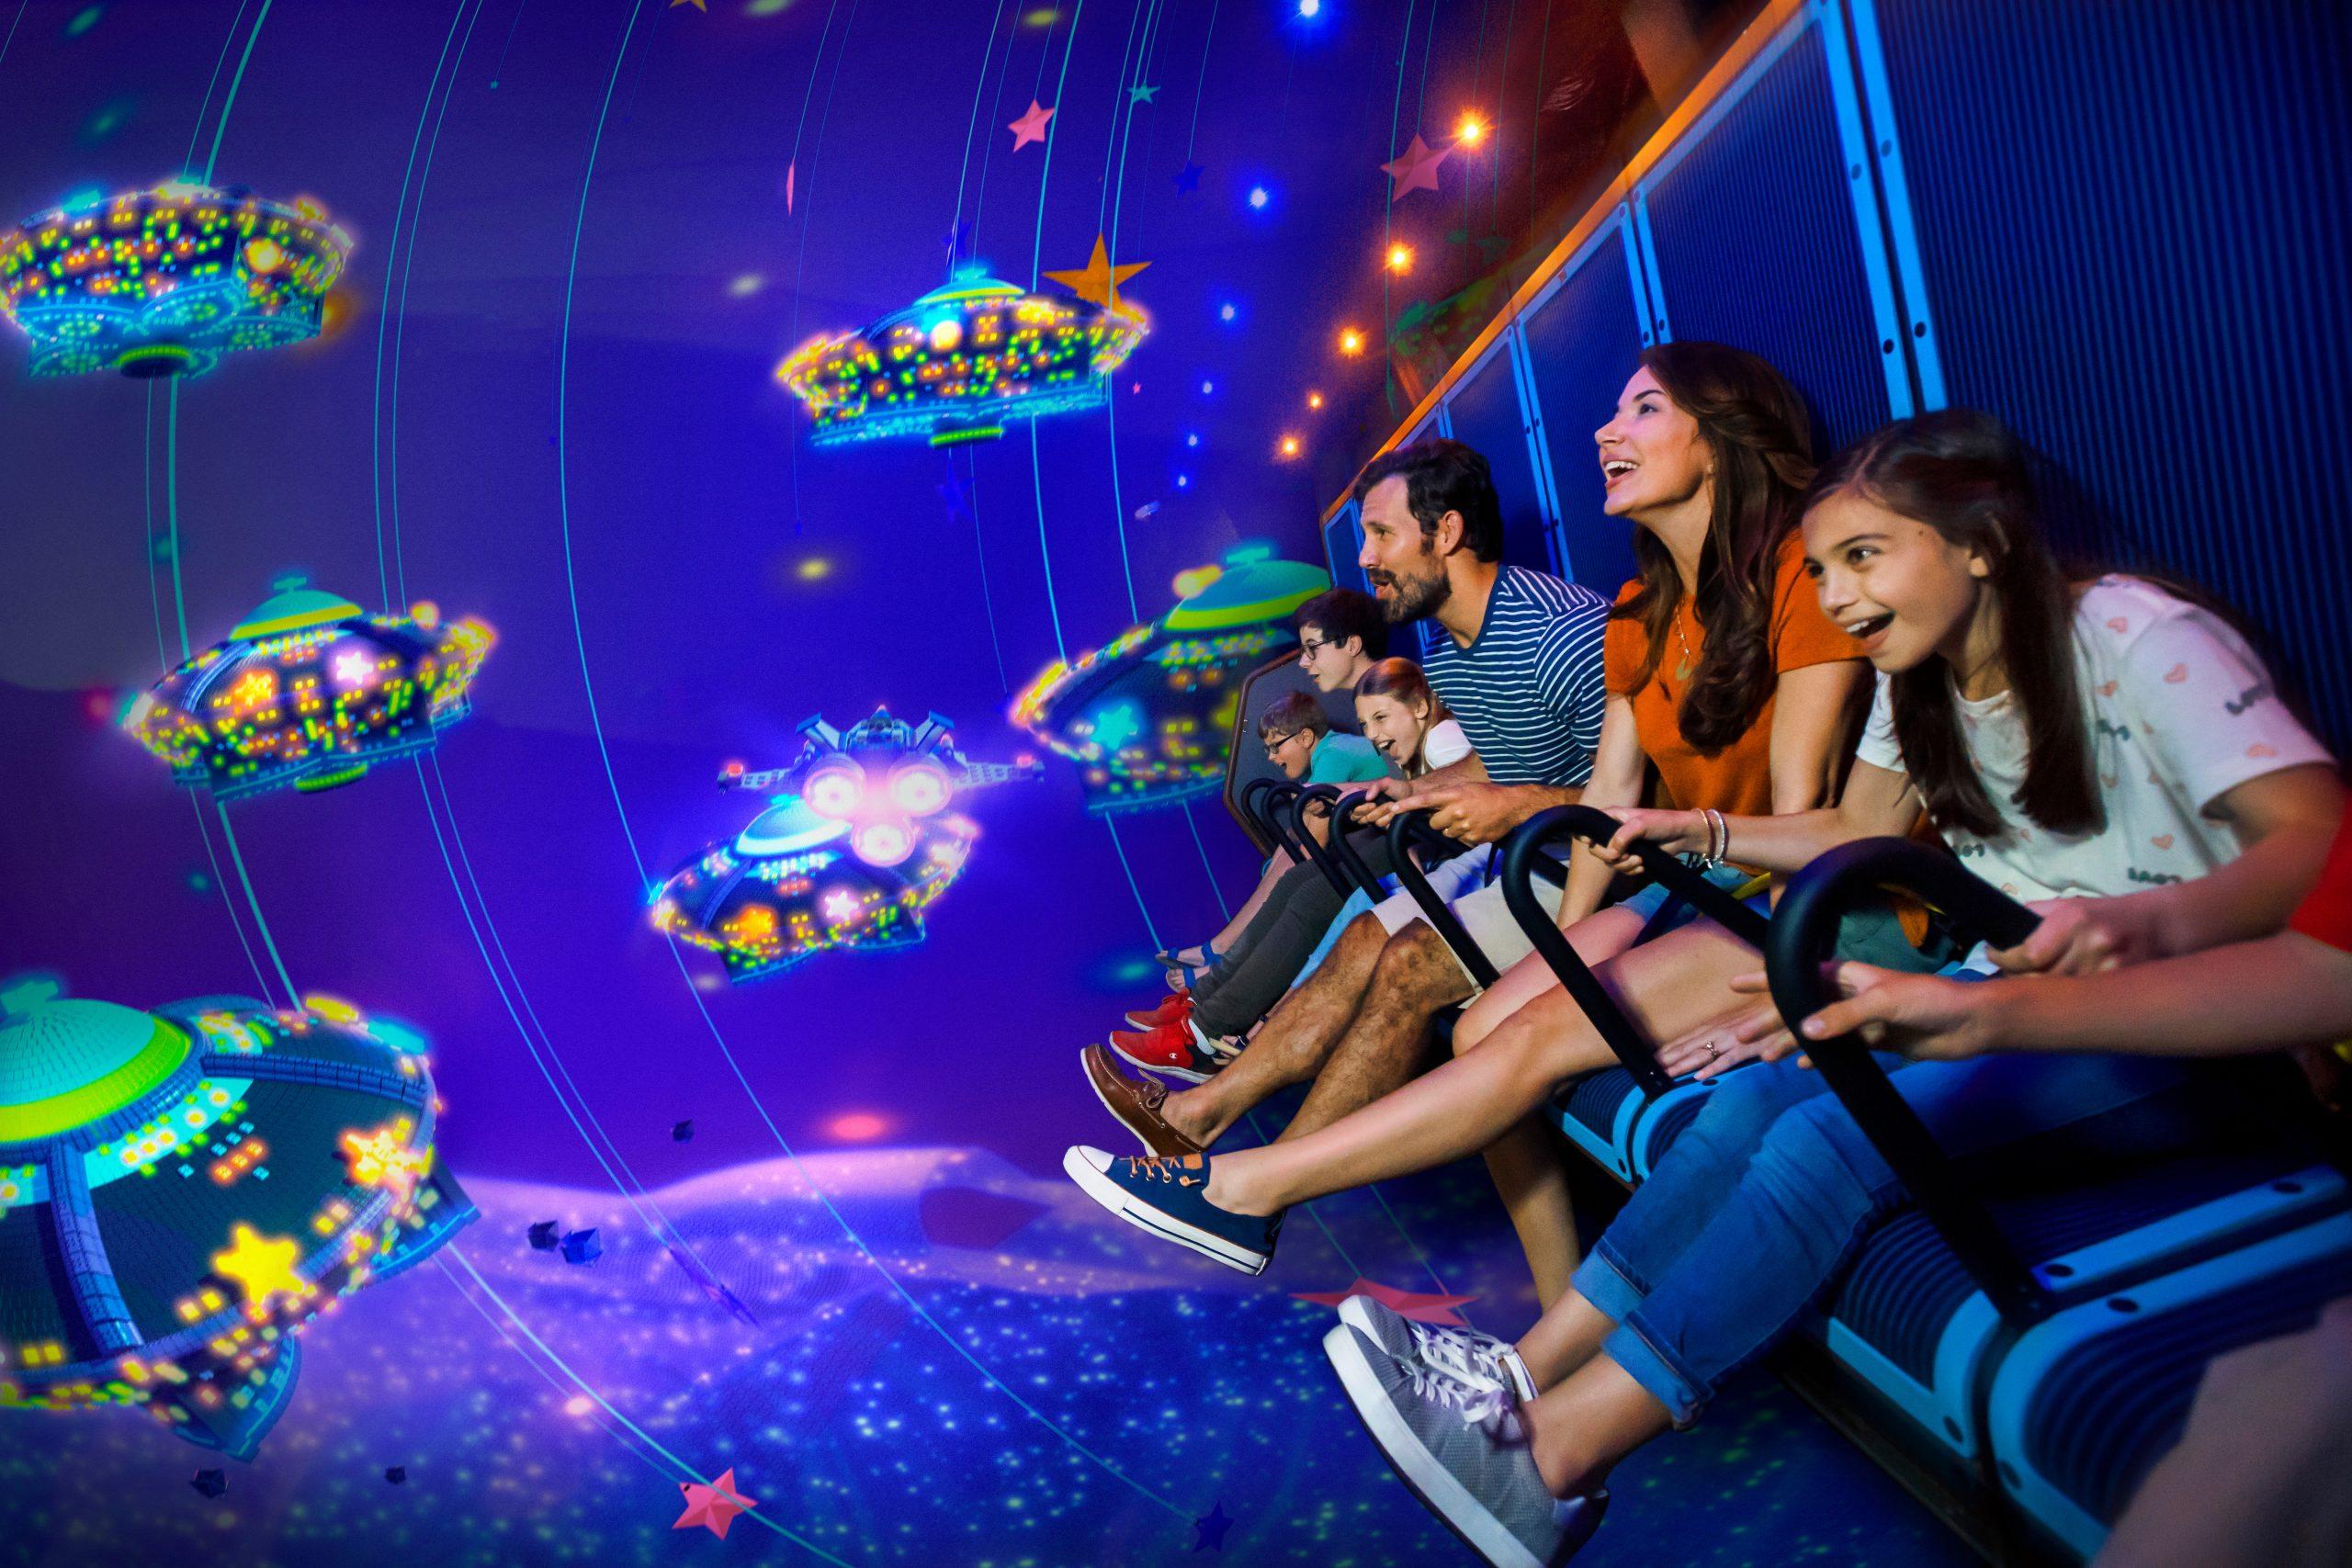 Emmet's Flying Adventure – Masters of Flight bliver en del af et såkaldt Flying Theater, det eneste af sin art i Skandinavien. Det indgår i Lego Movie World, som åbnes den 21. maj i Legoland i Billund. Pressefoto: Chip Litherland for Legoland Florida Resort.